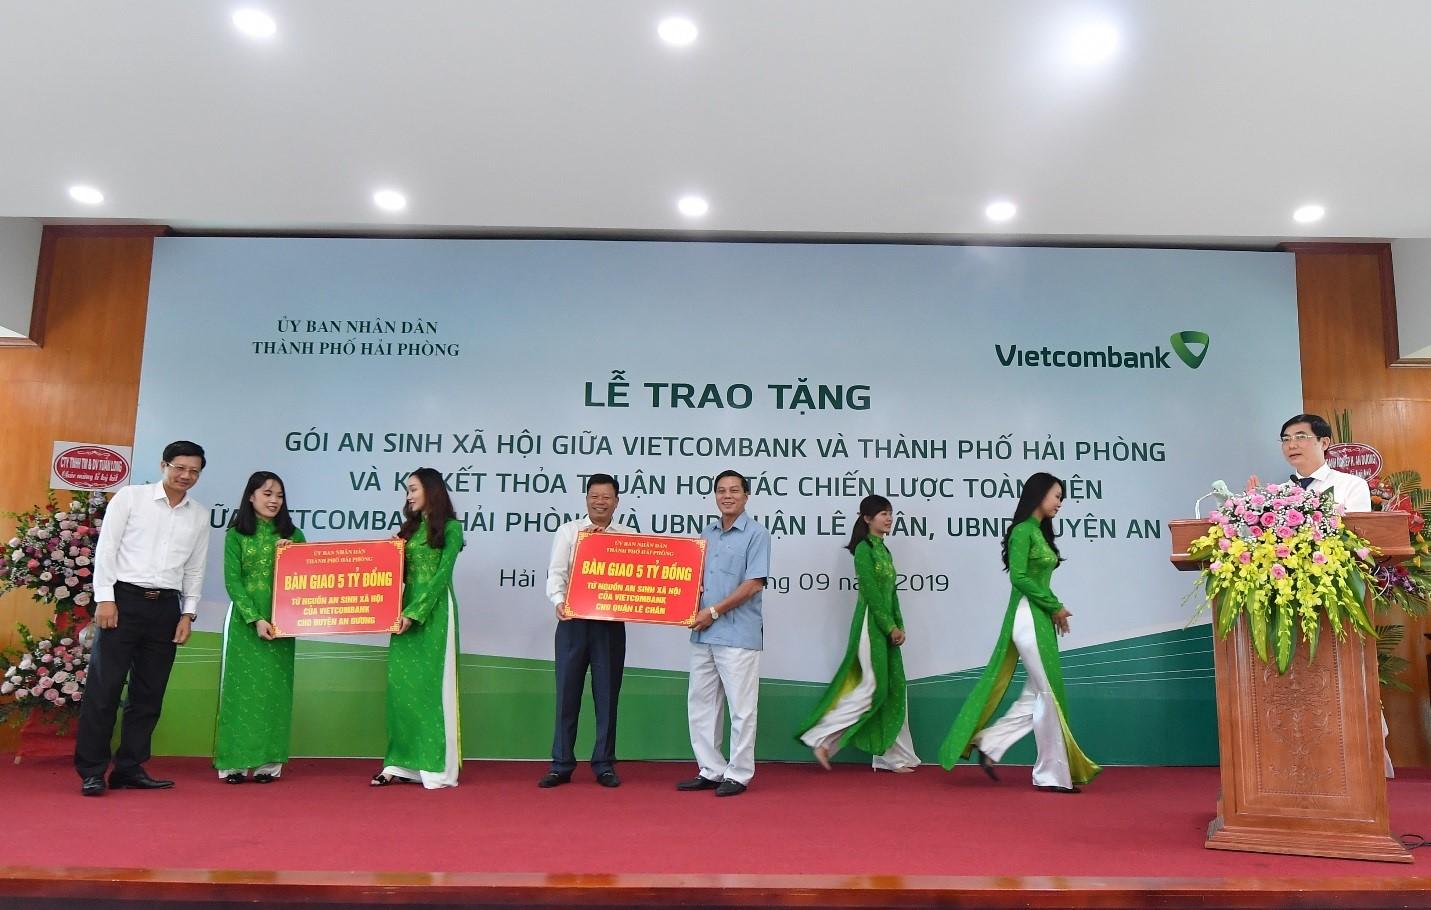 Vietcombank trao tặng gói ASXH trị giá 10 tỷ đồng cho thành phố Hải Phòng  - Ảnh 3